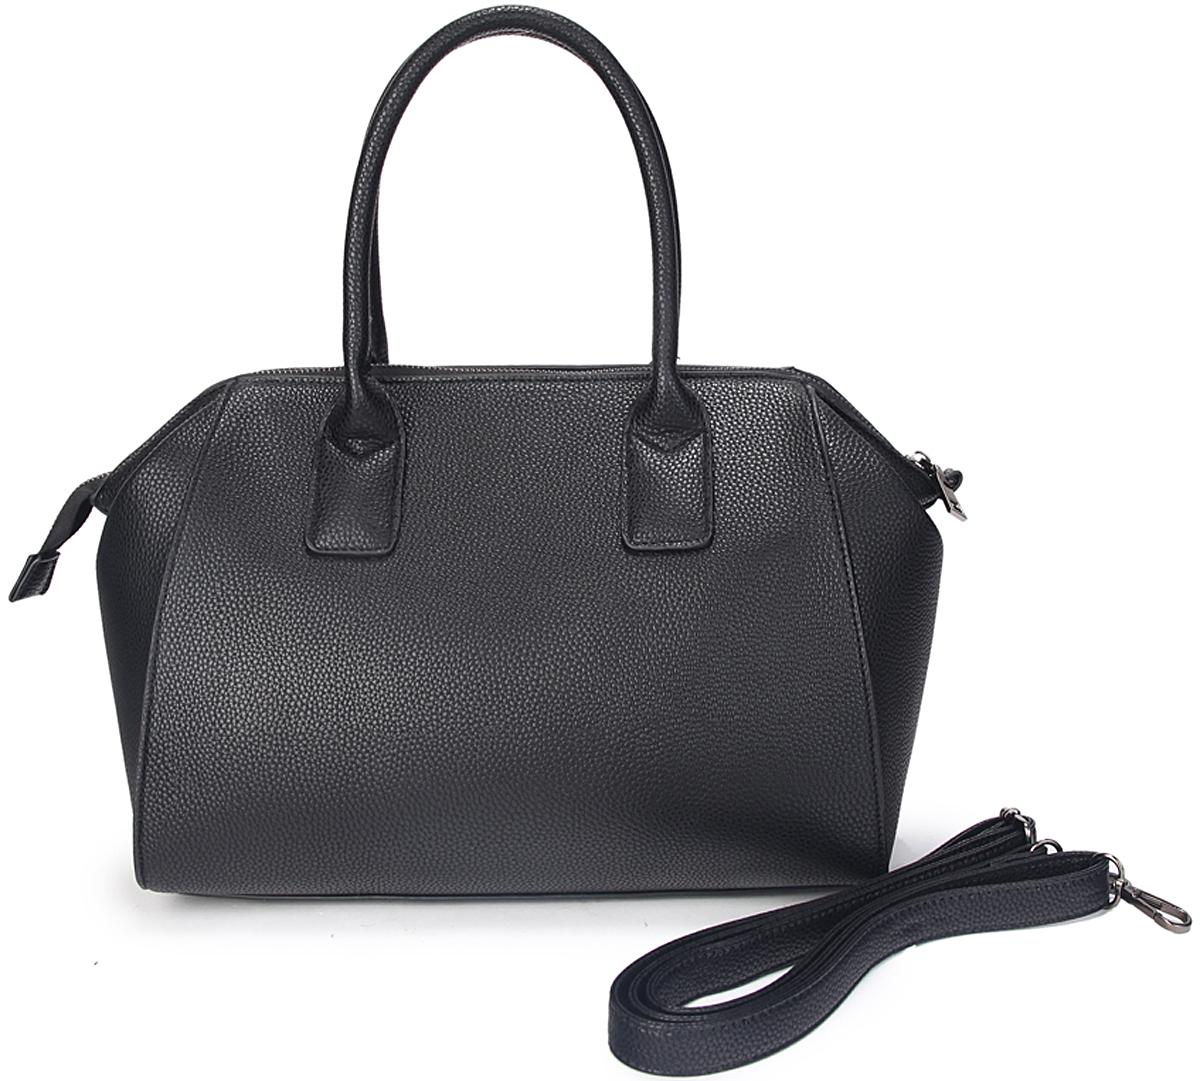 Сумка женская OrsOro, цвет: черный. D-419/1101225Сумка OrsOro выполнена из высококачественной искусственной кожи. Сумка закрывается на молнию. Внутри расположено главное отделение с внутренним карманом на молнии в окантовке и карман для телефона.На передней стенке сумка имеет горизонтальный карман на молнии.Размер: 31 х 25 х 13 см.